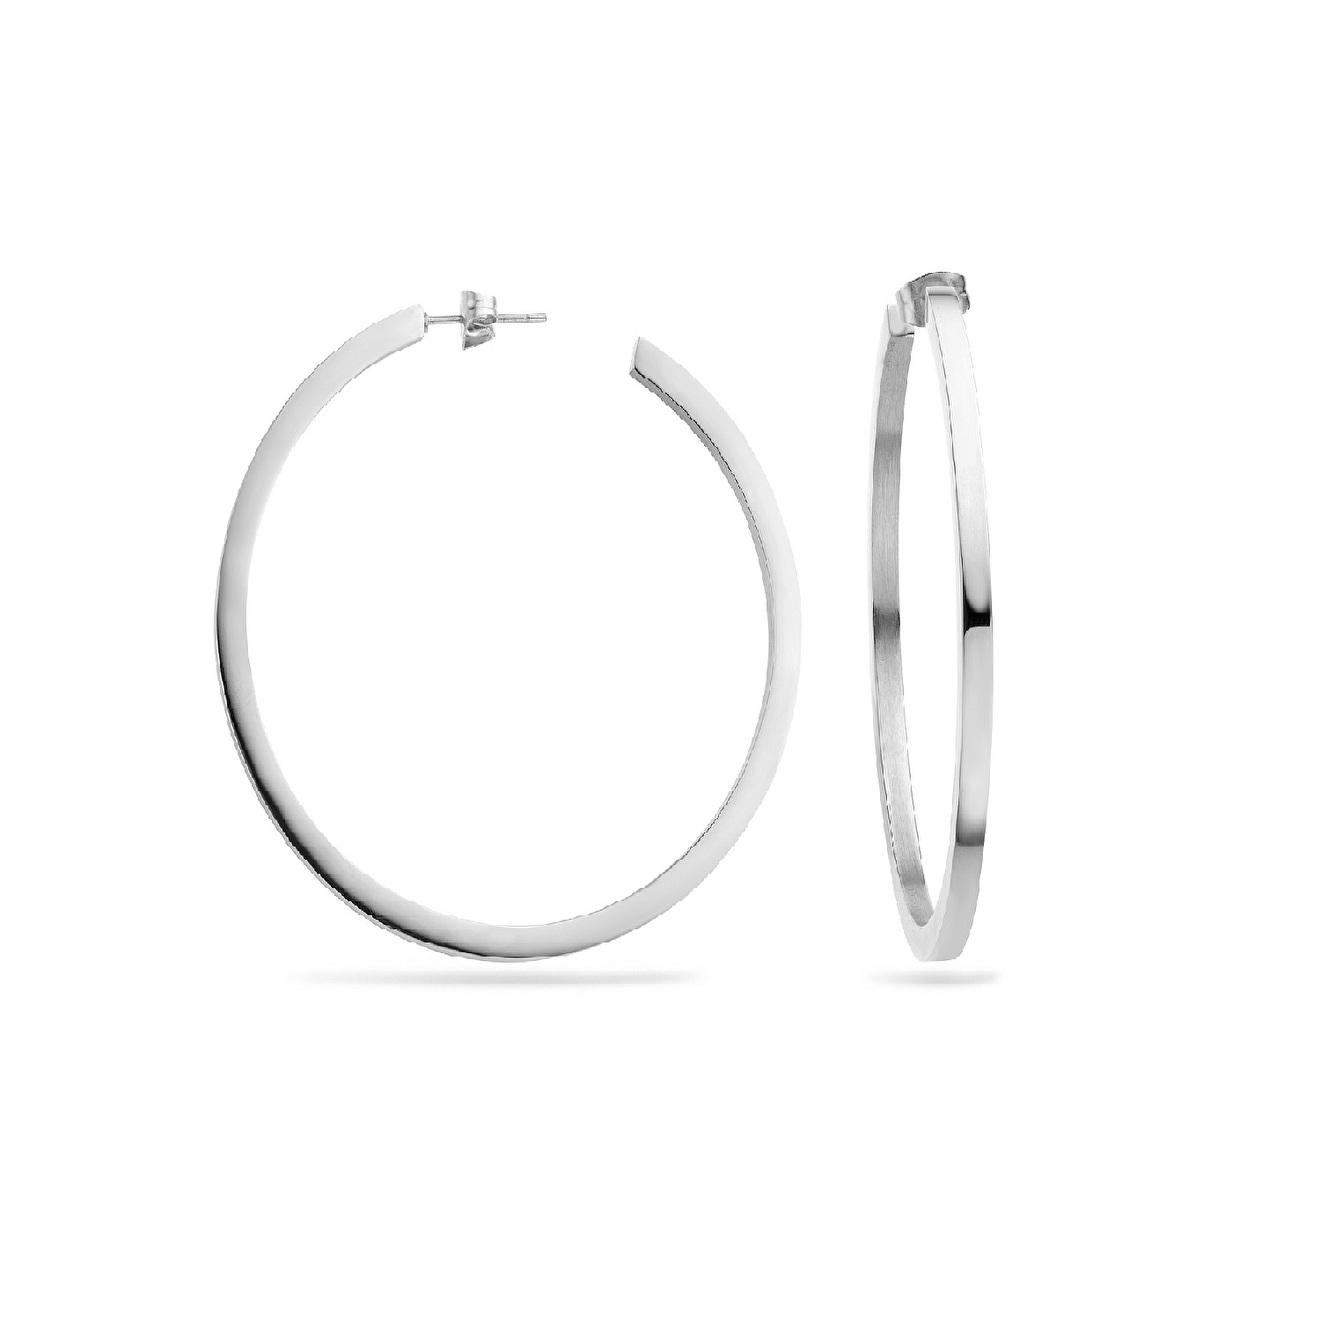 Mya Bay Покрытые серебром серьги-кольца Dona